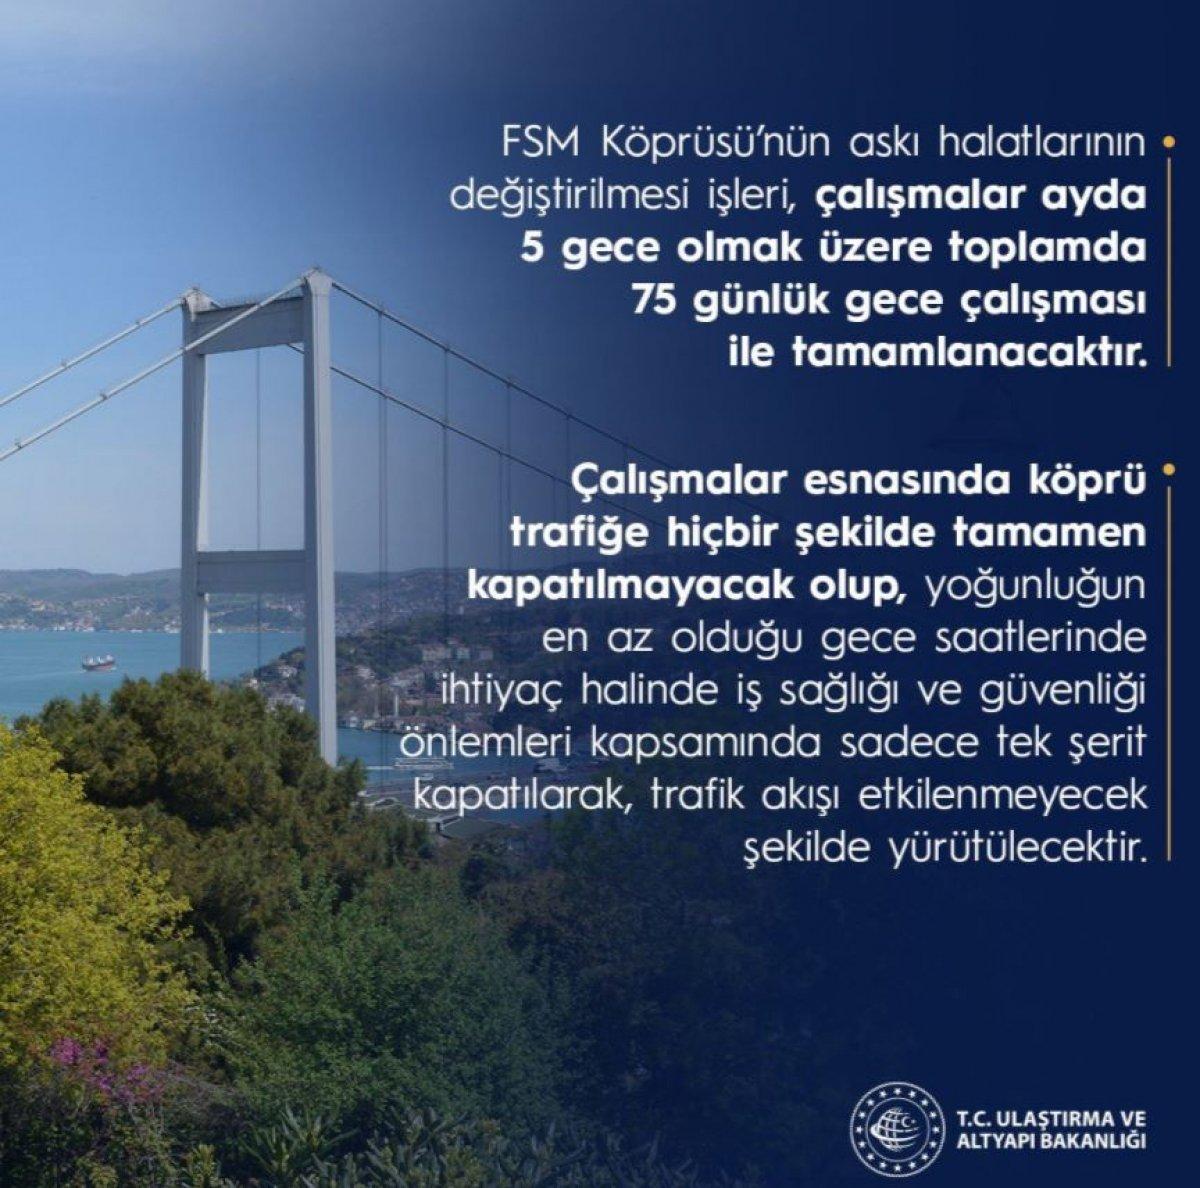 Ulaştırma ve Altyapı Bakanlığı ndan FSM Köprüsü açıklaması #3